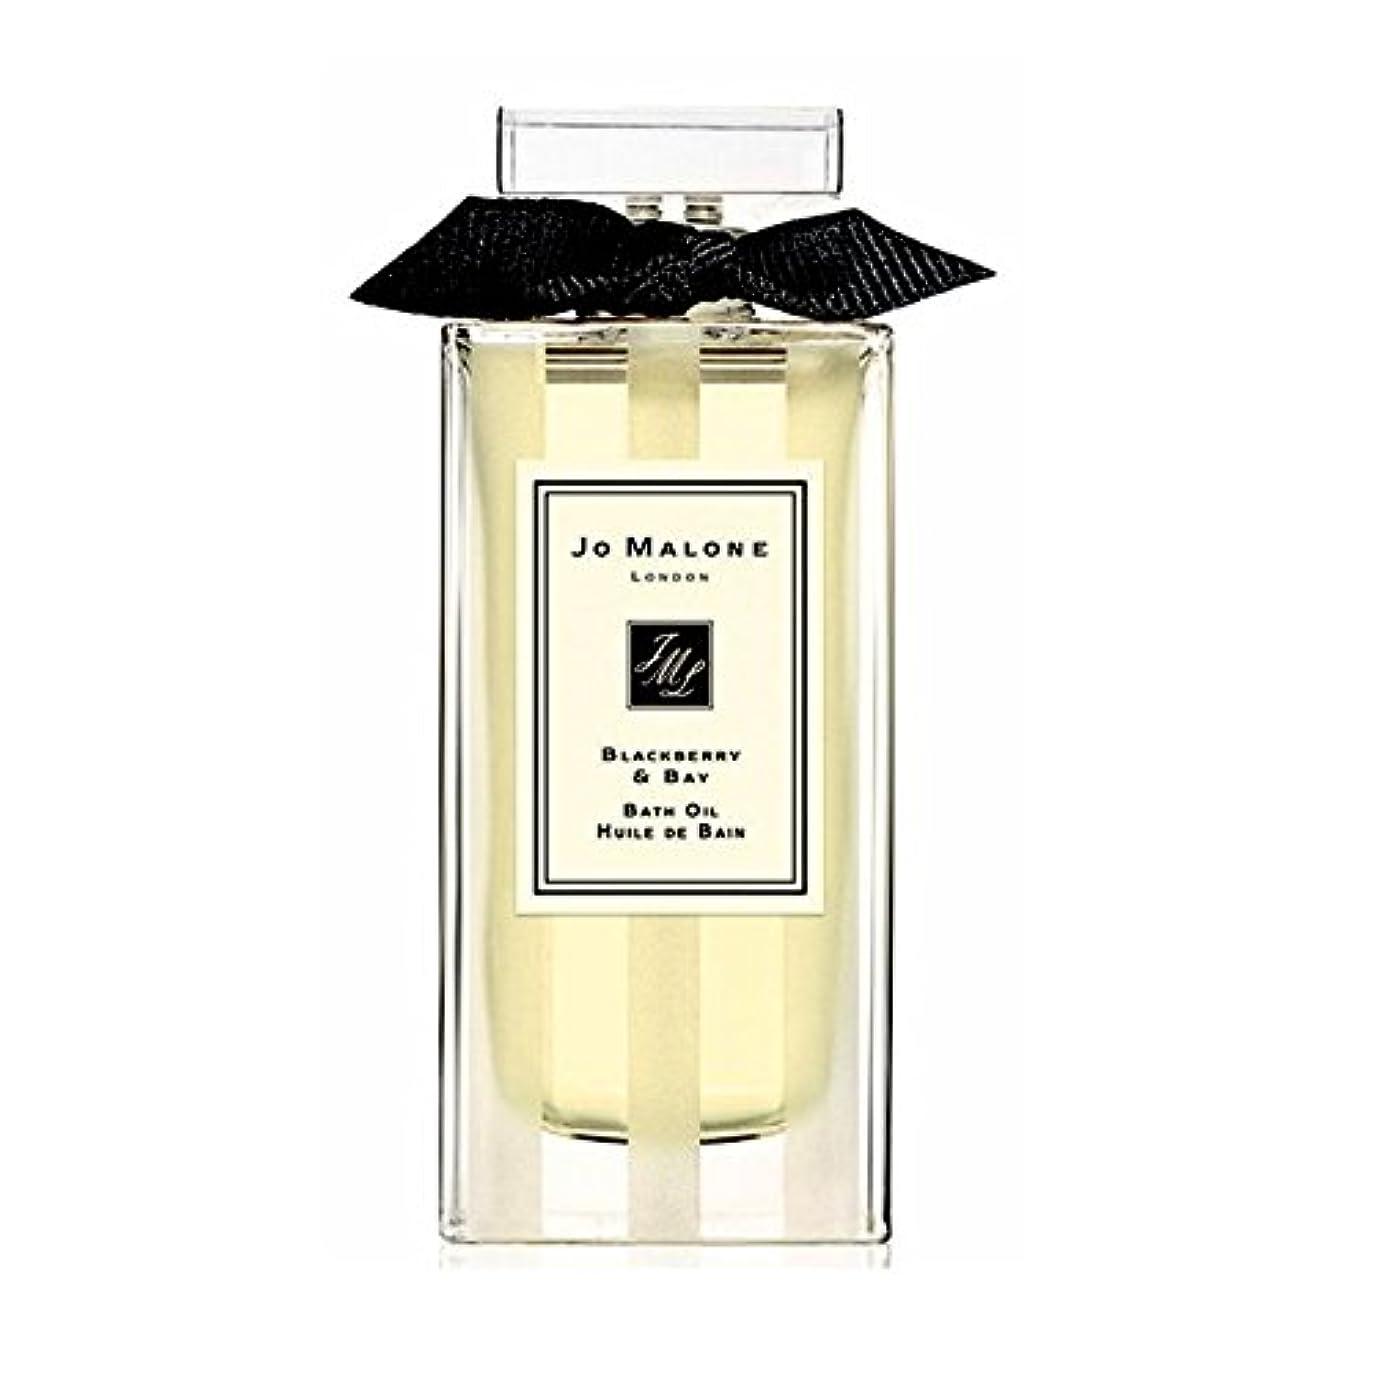 ますます意味石灰岩Jo Maloneジョーマローン, バスオイル -  ブラックベリー&ベイ(30ml)  'Blackberry & Bay ' Bath Oil (1oz) [海外直送品] [並行輸入品]